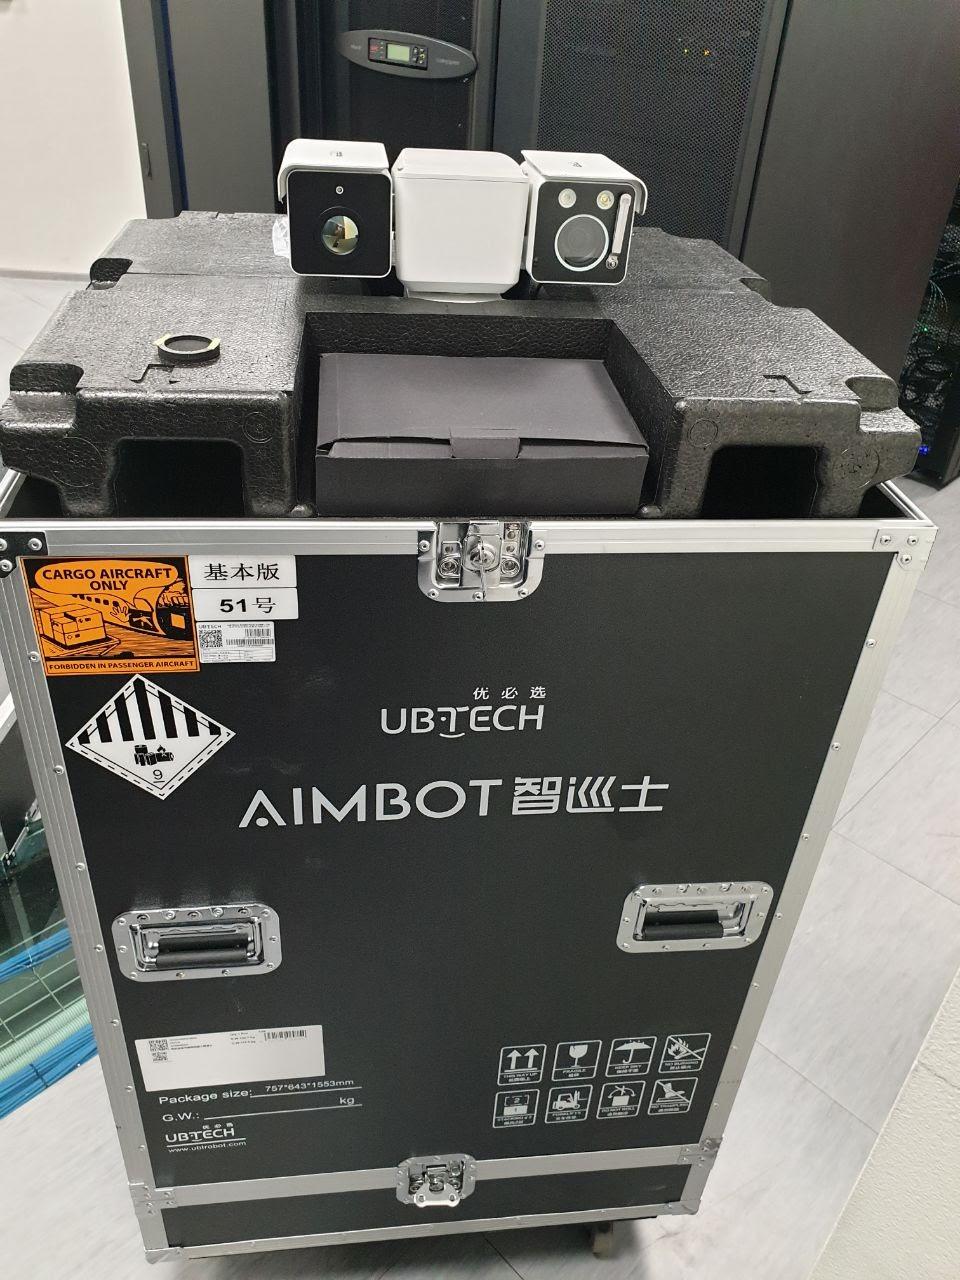 Будущее наступает: китайские роботы приехали в Россию - 6